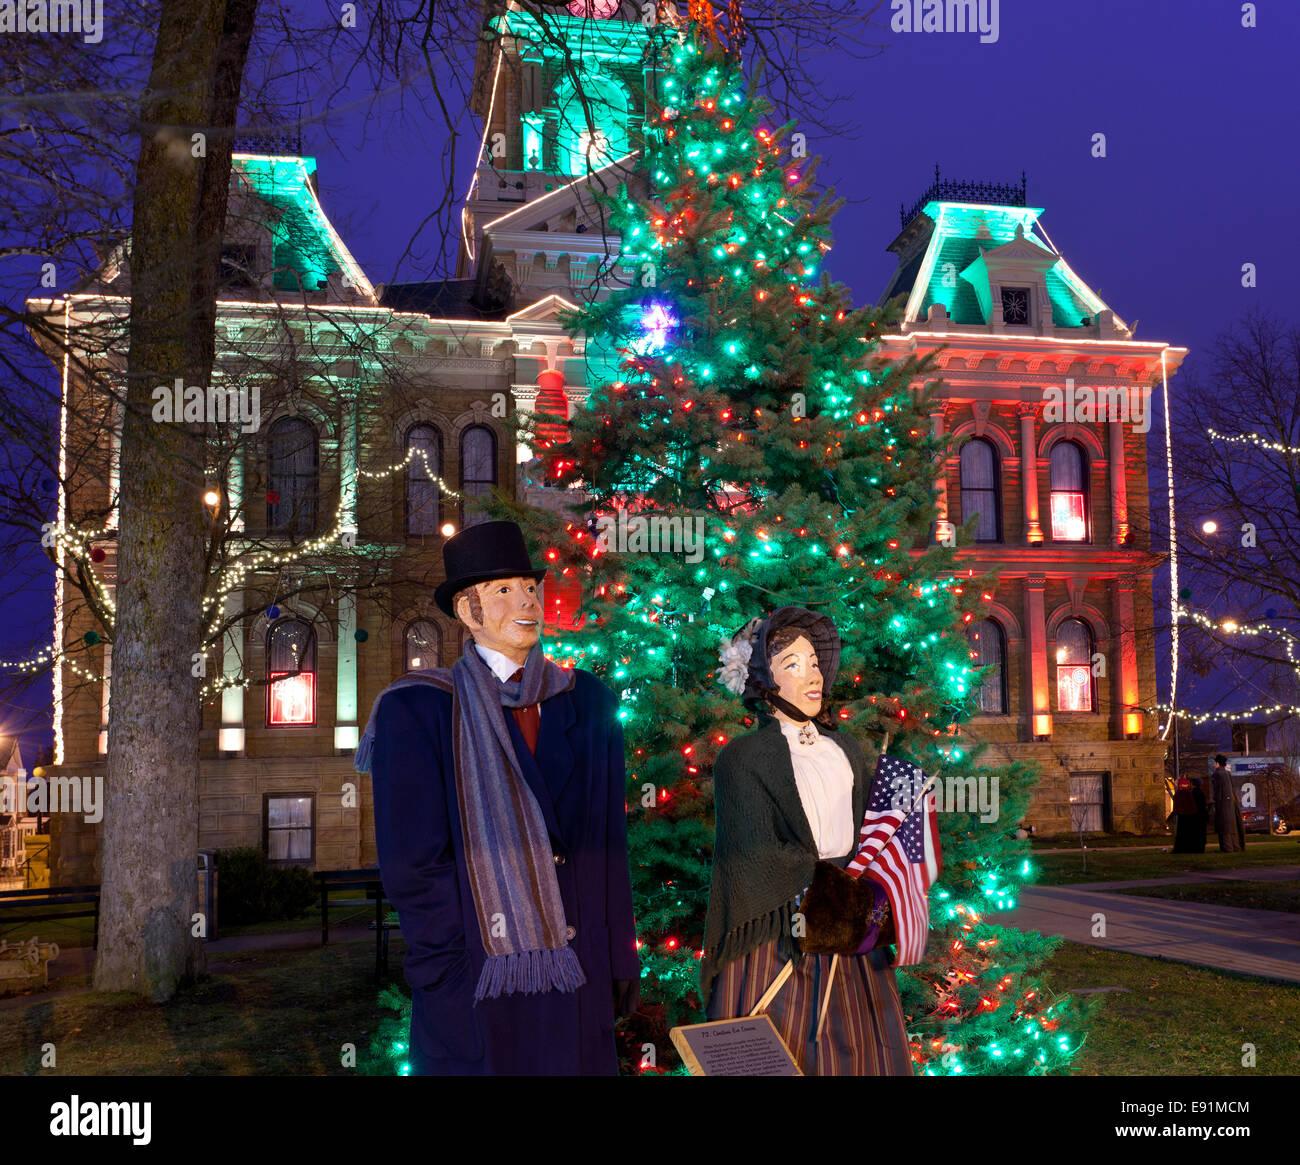 Cambridge Ohio Christmas Lighting Stock Photo: 74411364 - Alamy